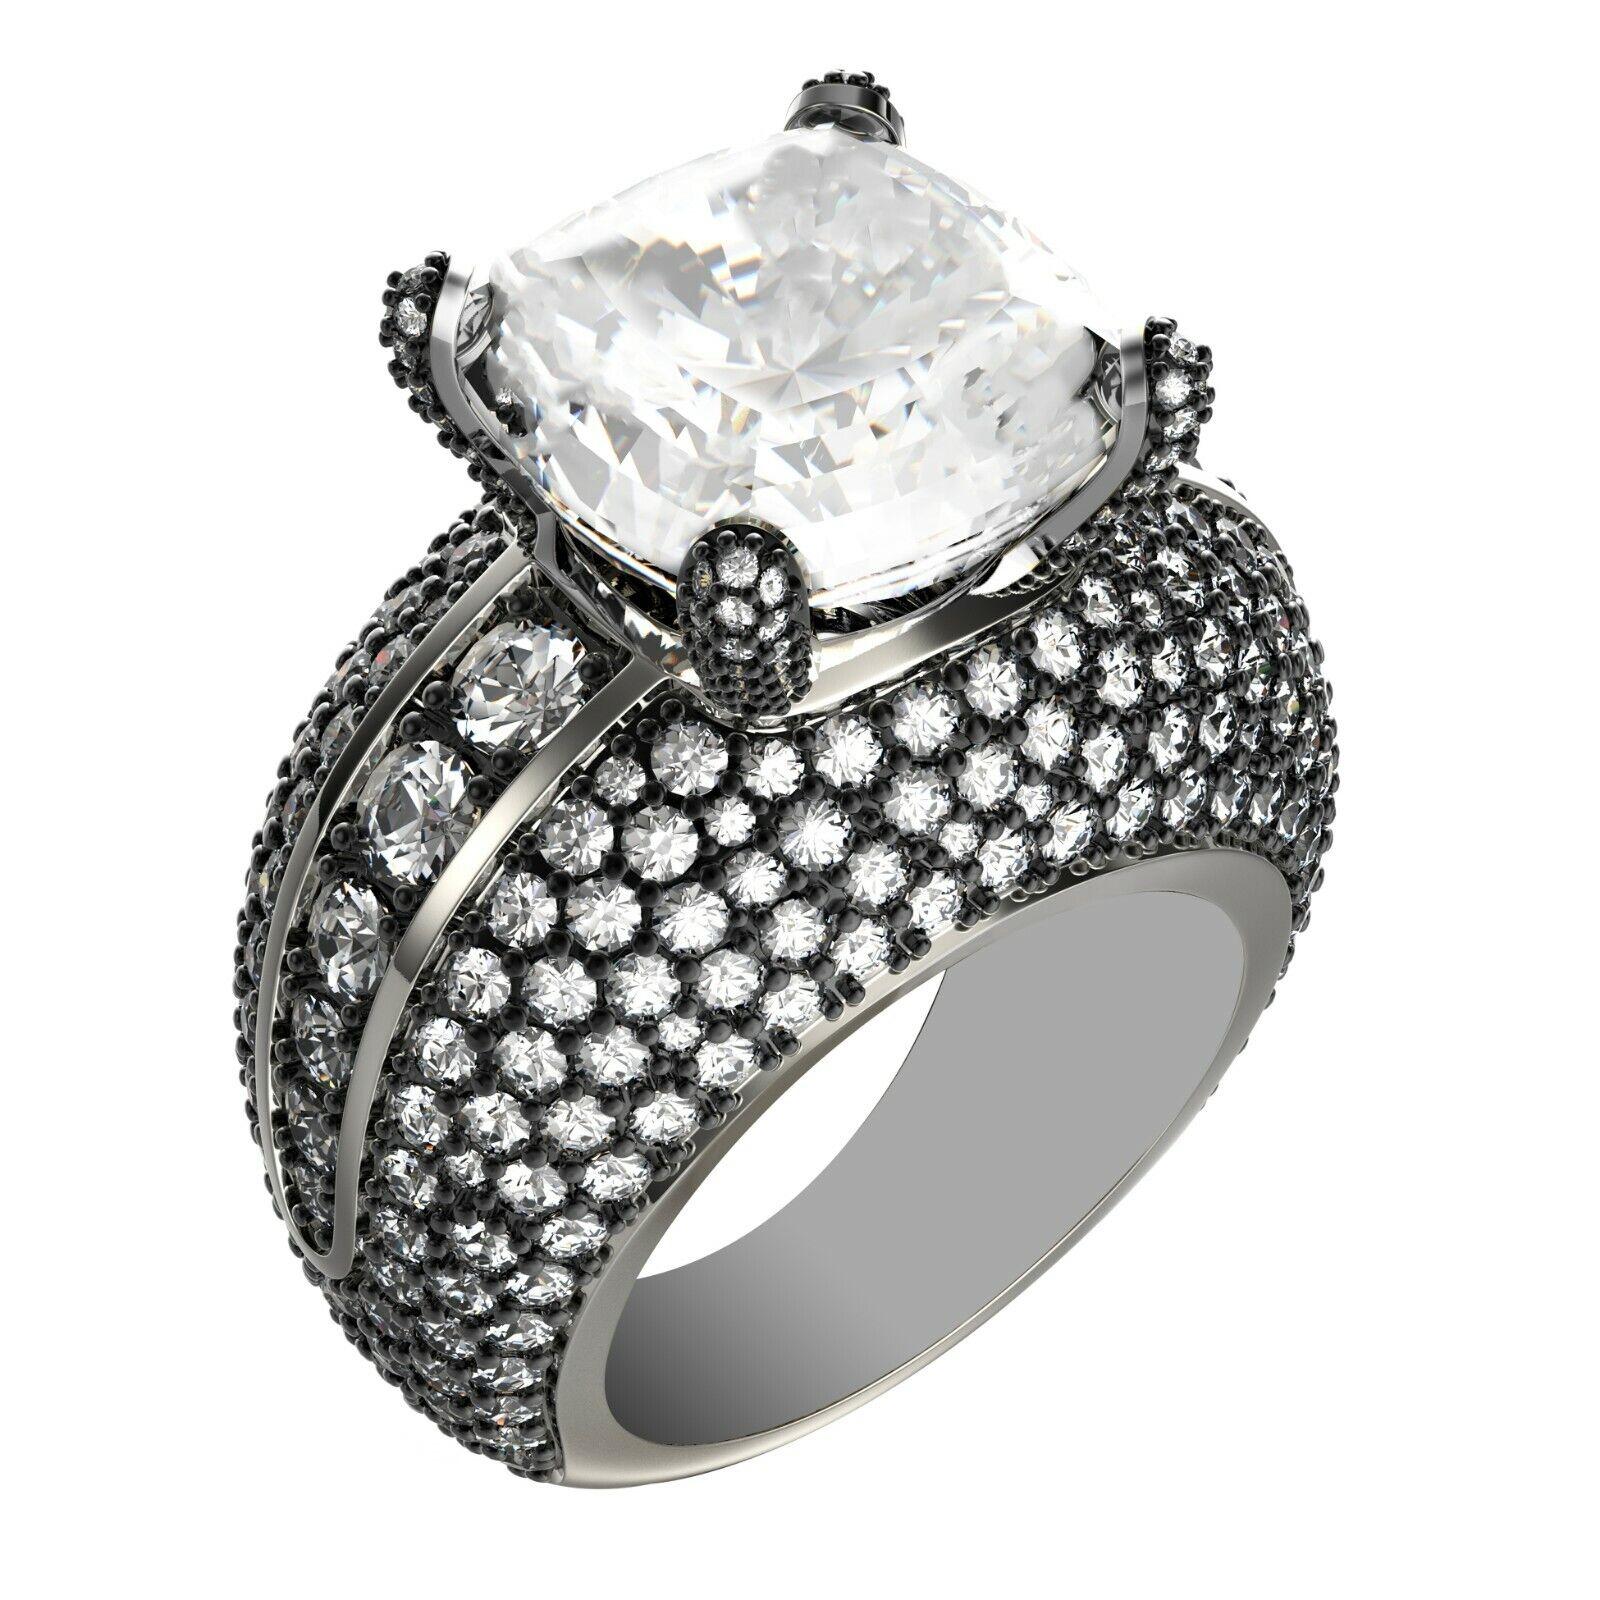 GIA Certified Diamond Engagement Ring Platinum 9.05 Carat total Cushion Cut